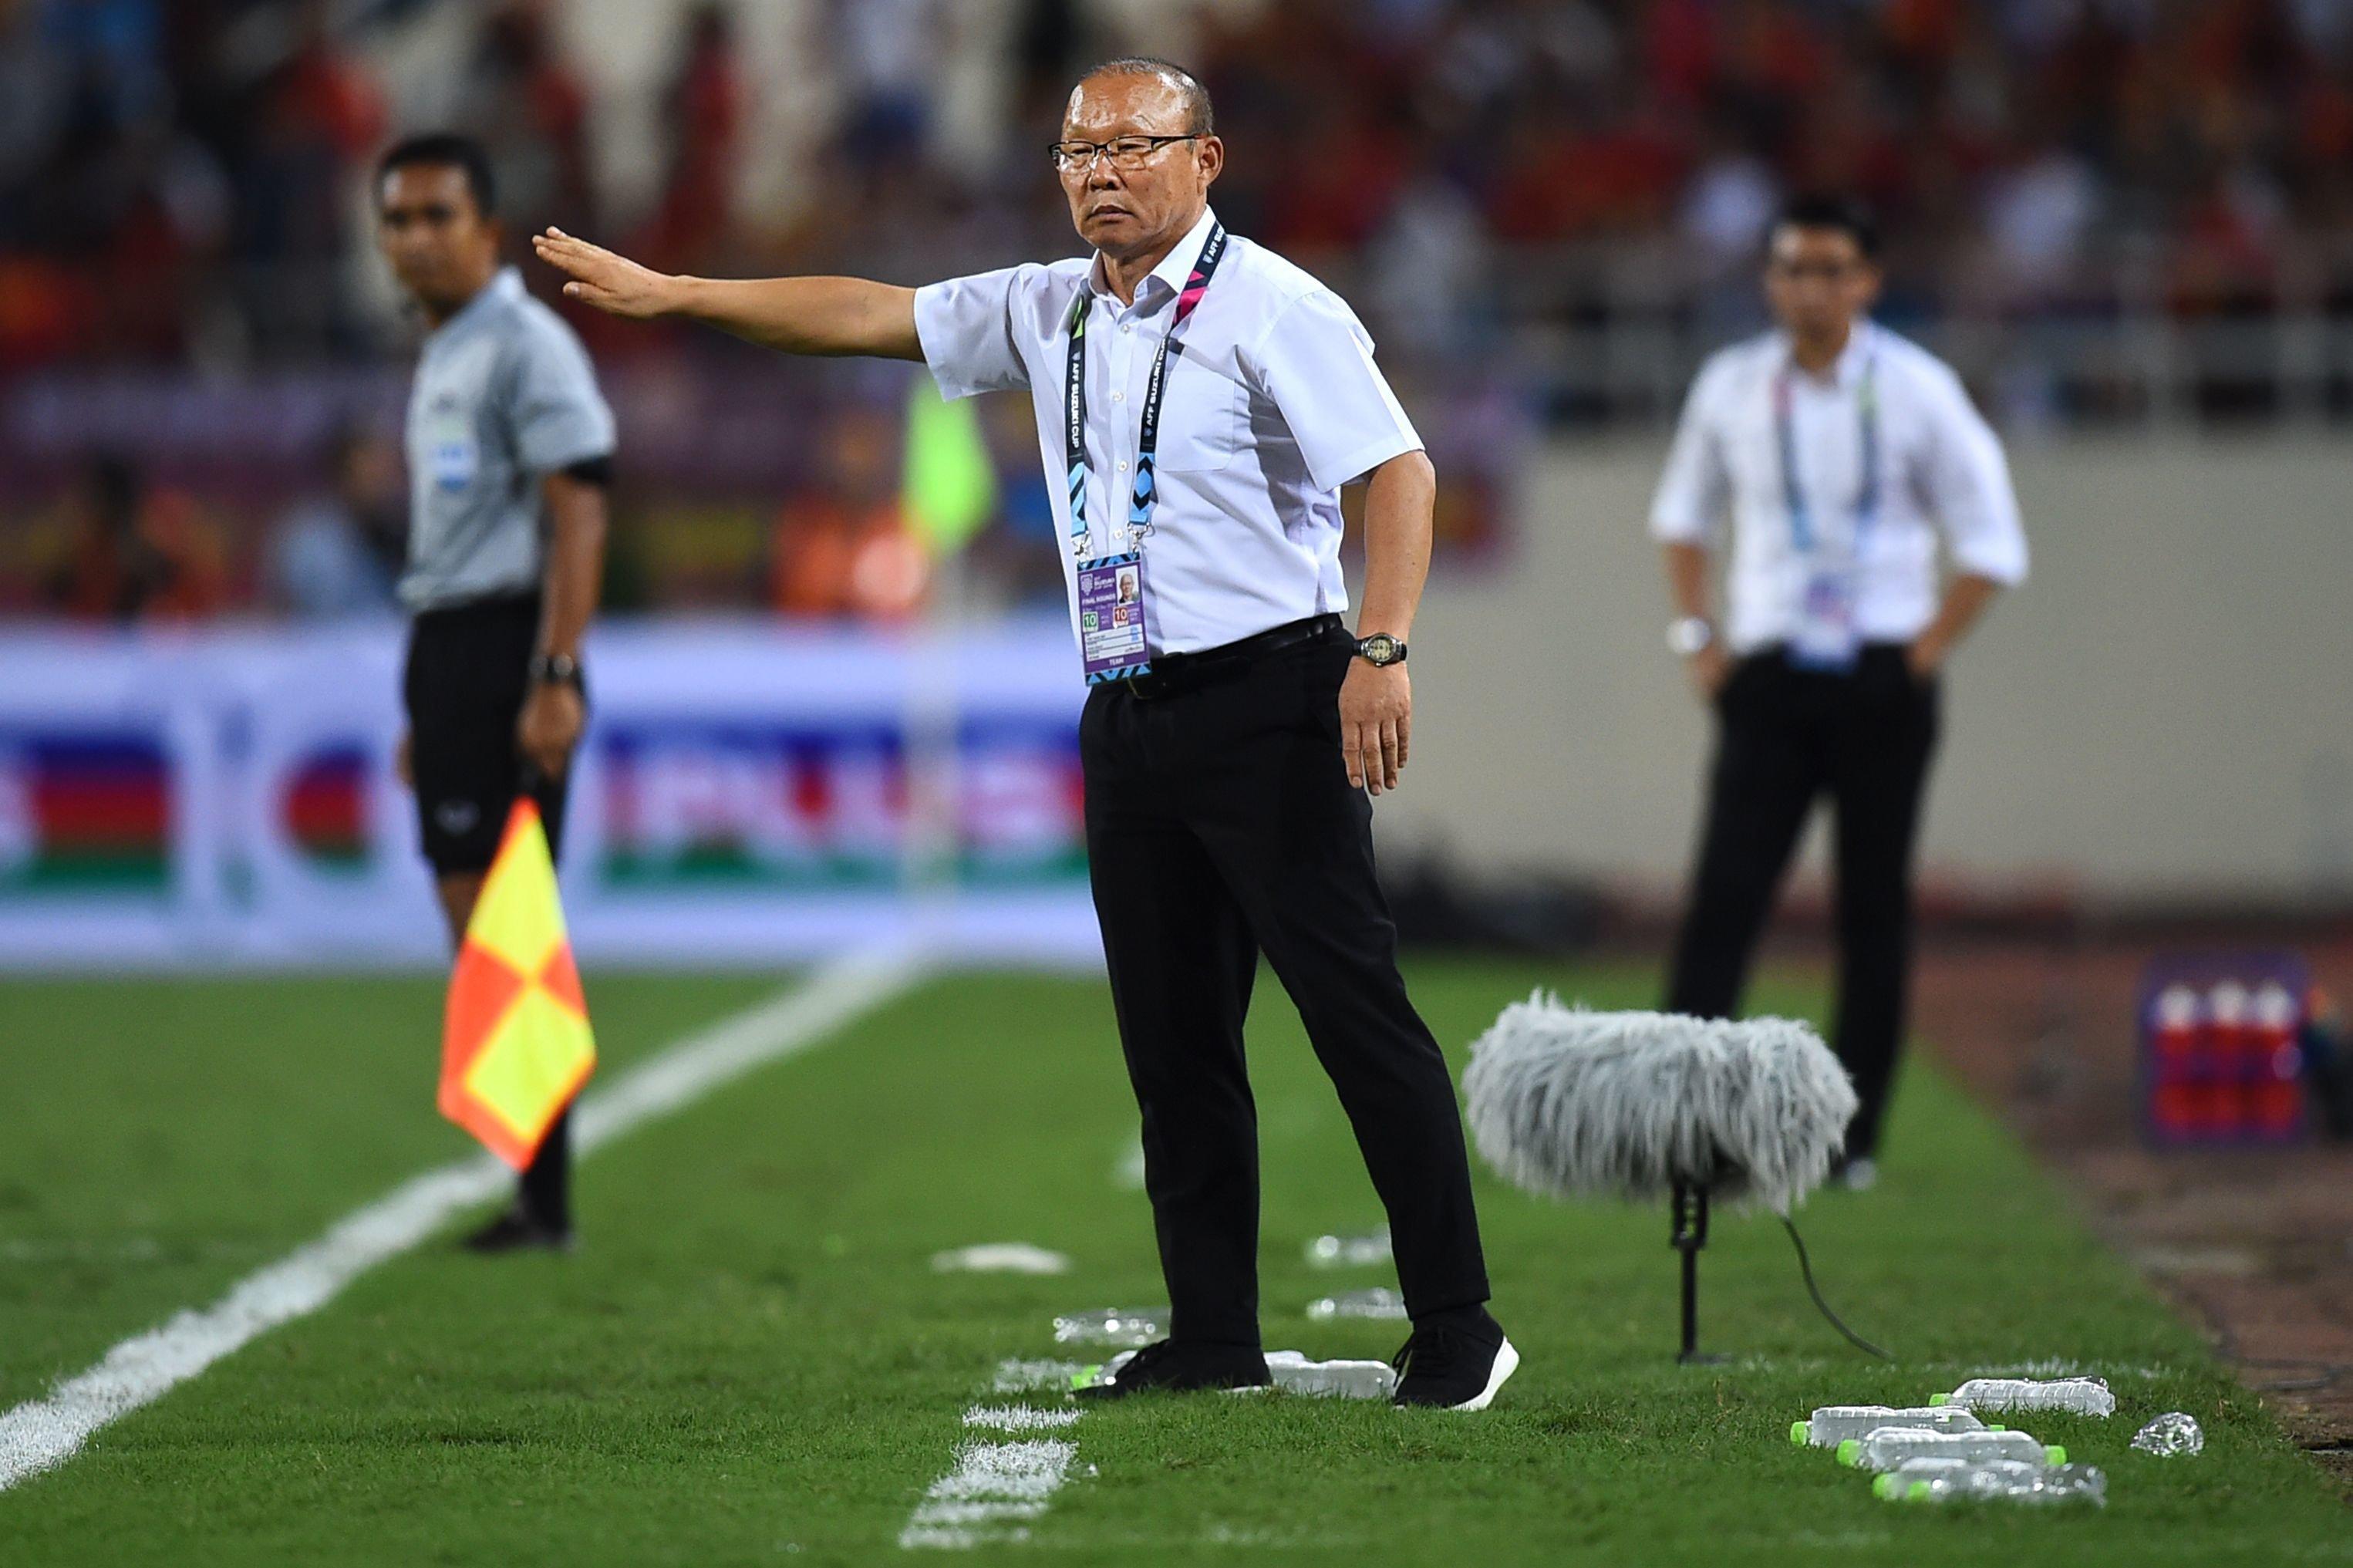 베트남-말레이시아 결승 1차전 후 박항서가 팬들에게 당부한